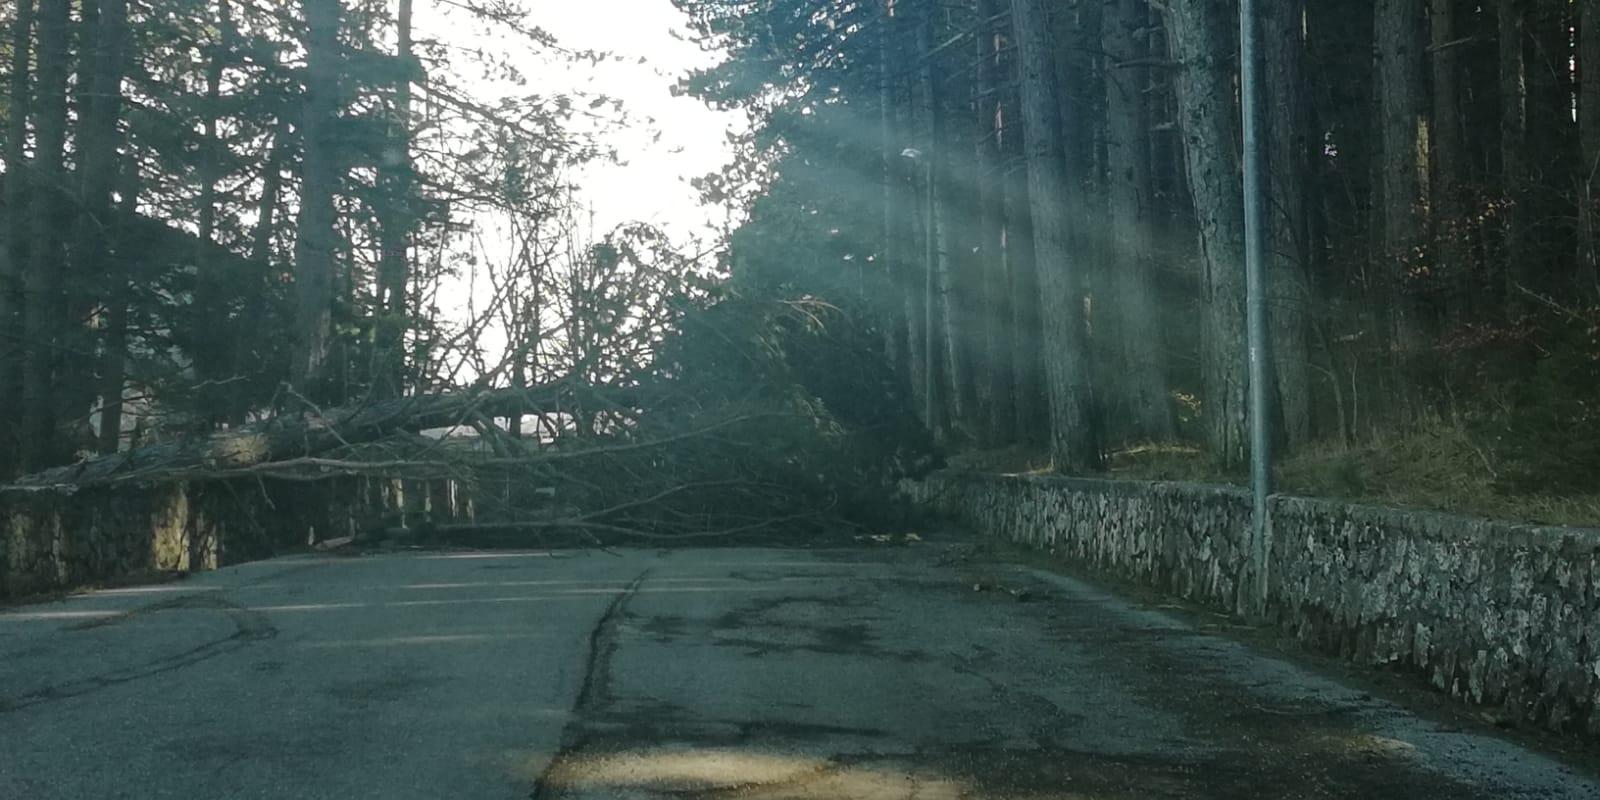 Vento forte ad Ovindoli, due alberi caduti   il sindaco raccomanda di non uscire o limitare le uscite dalle proprie abitazioni fino a cessata emergenza